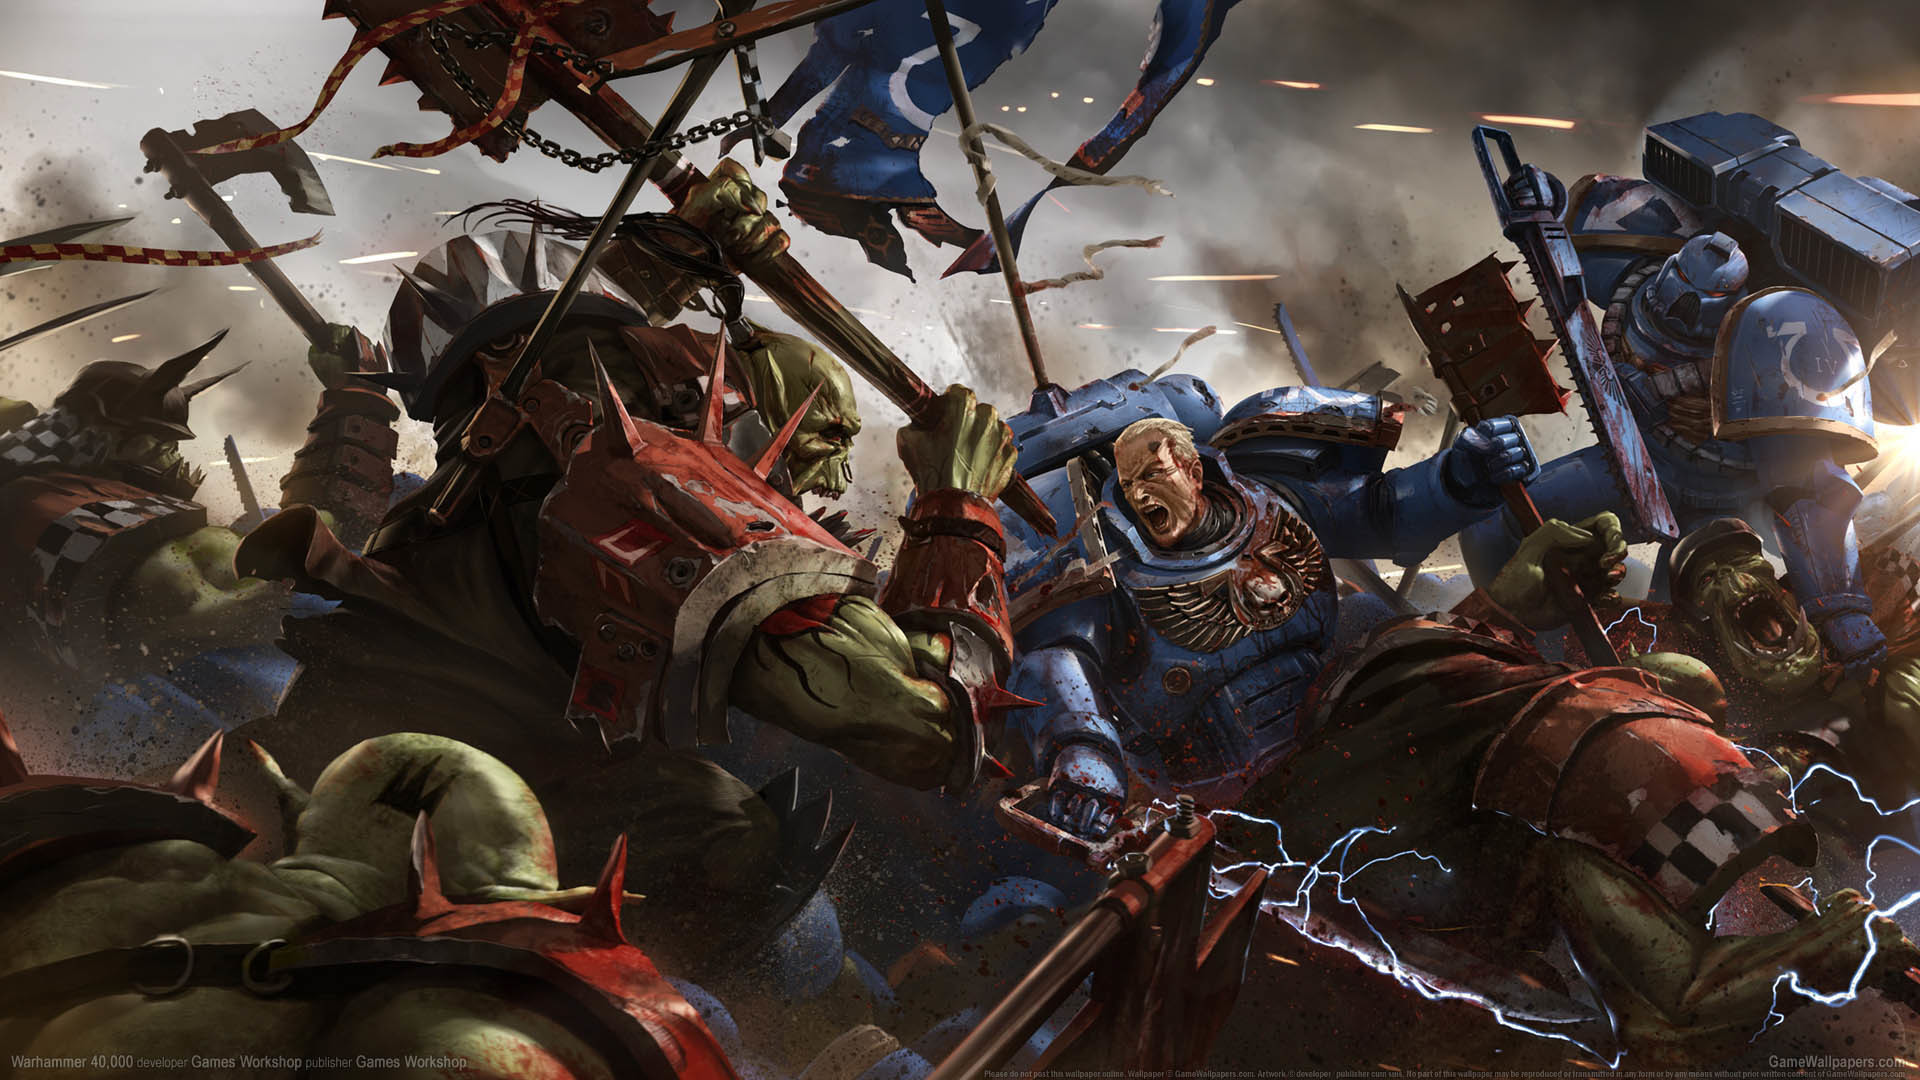 Warhammer 40,000 wallpaper 01 1920×1080